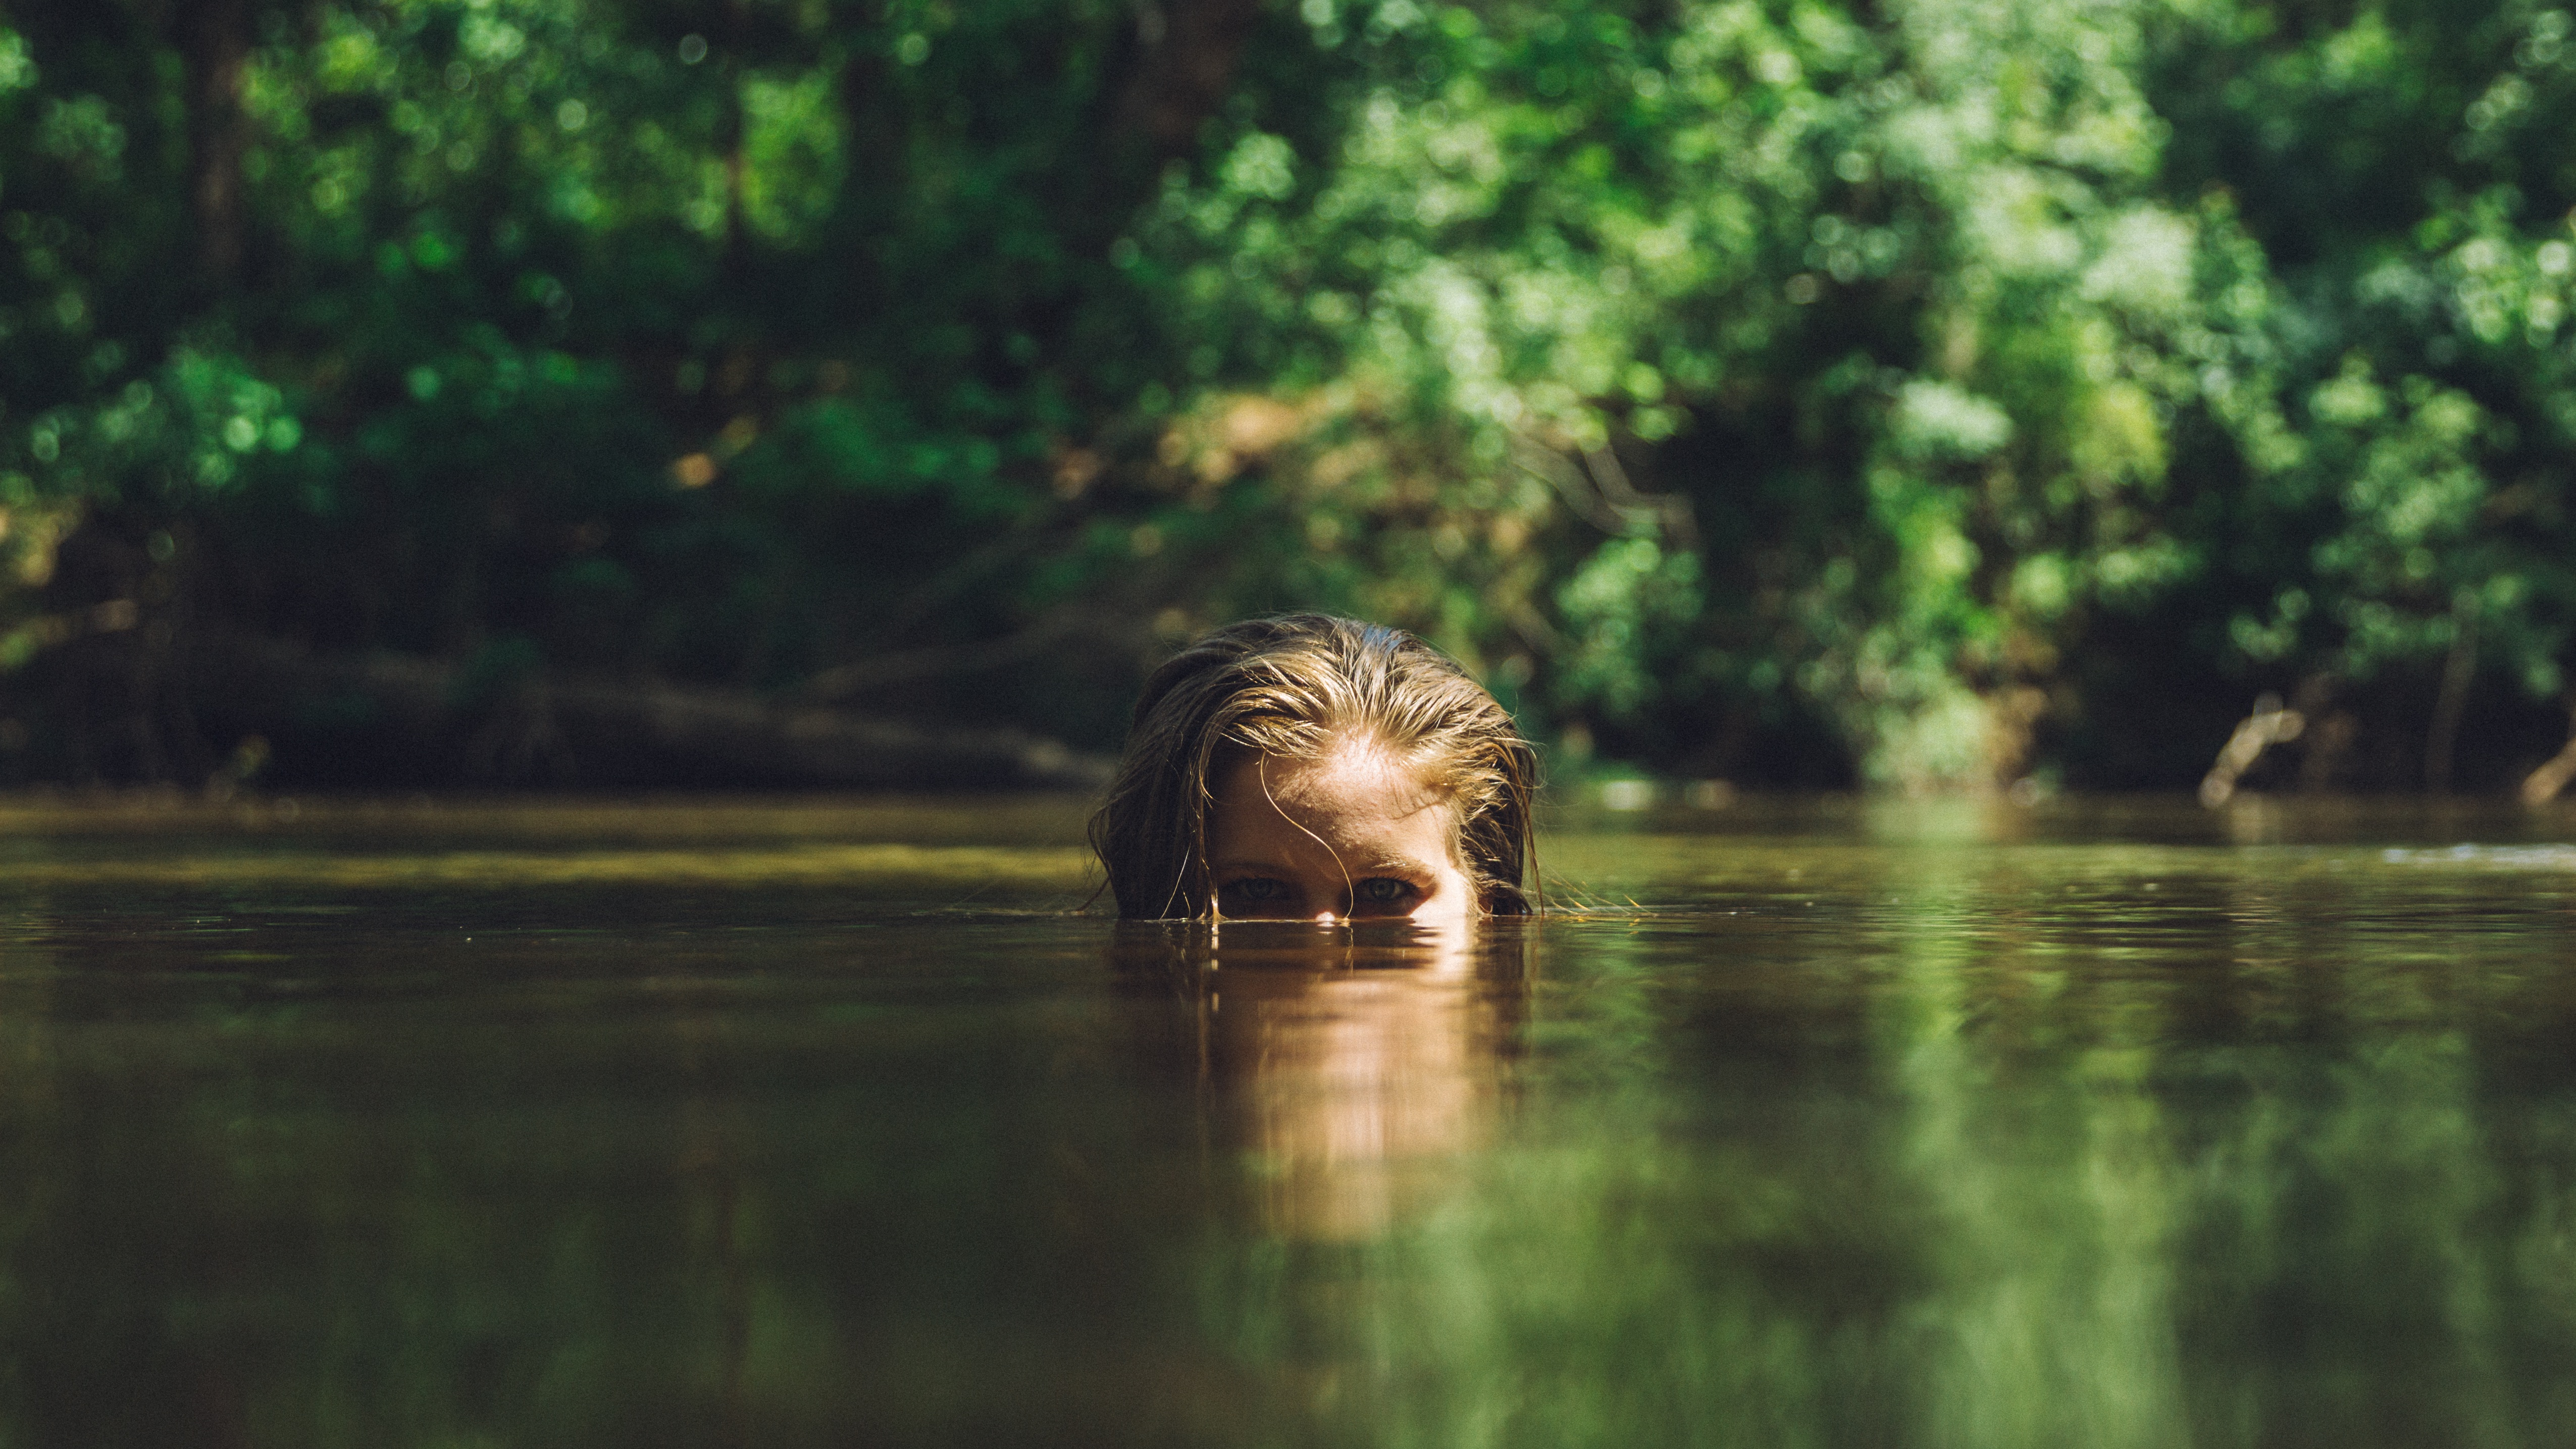 как сделать фото наполовину в воде